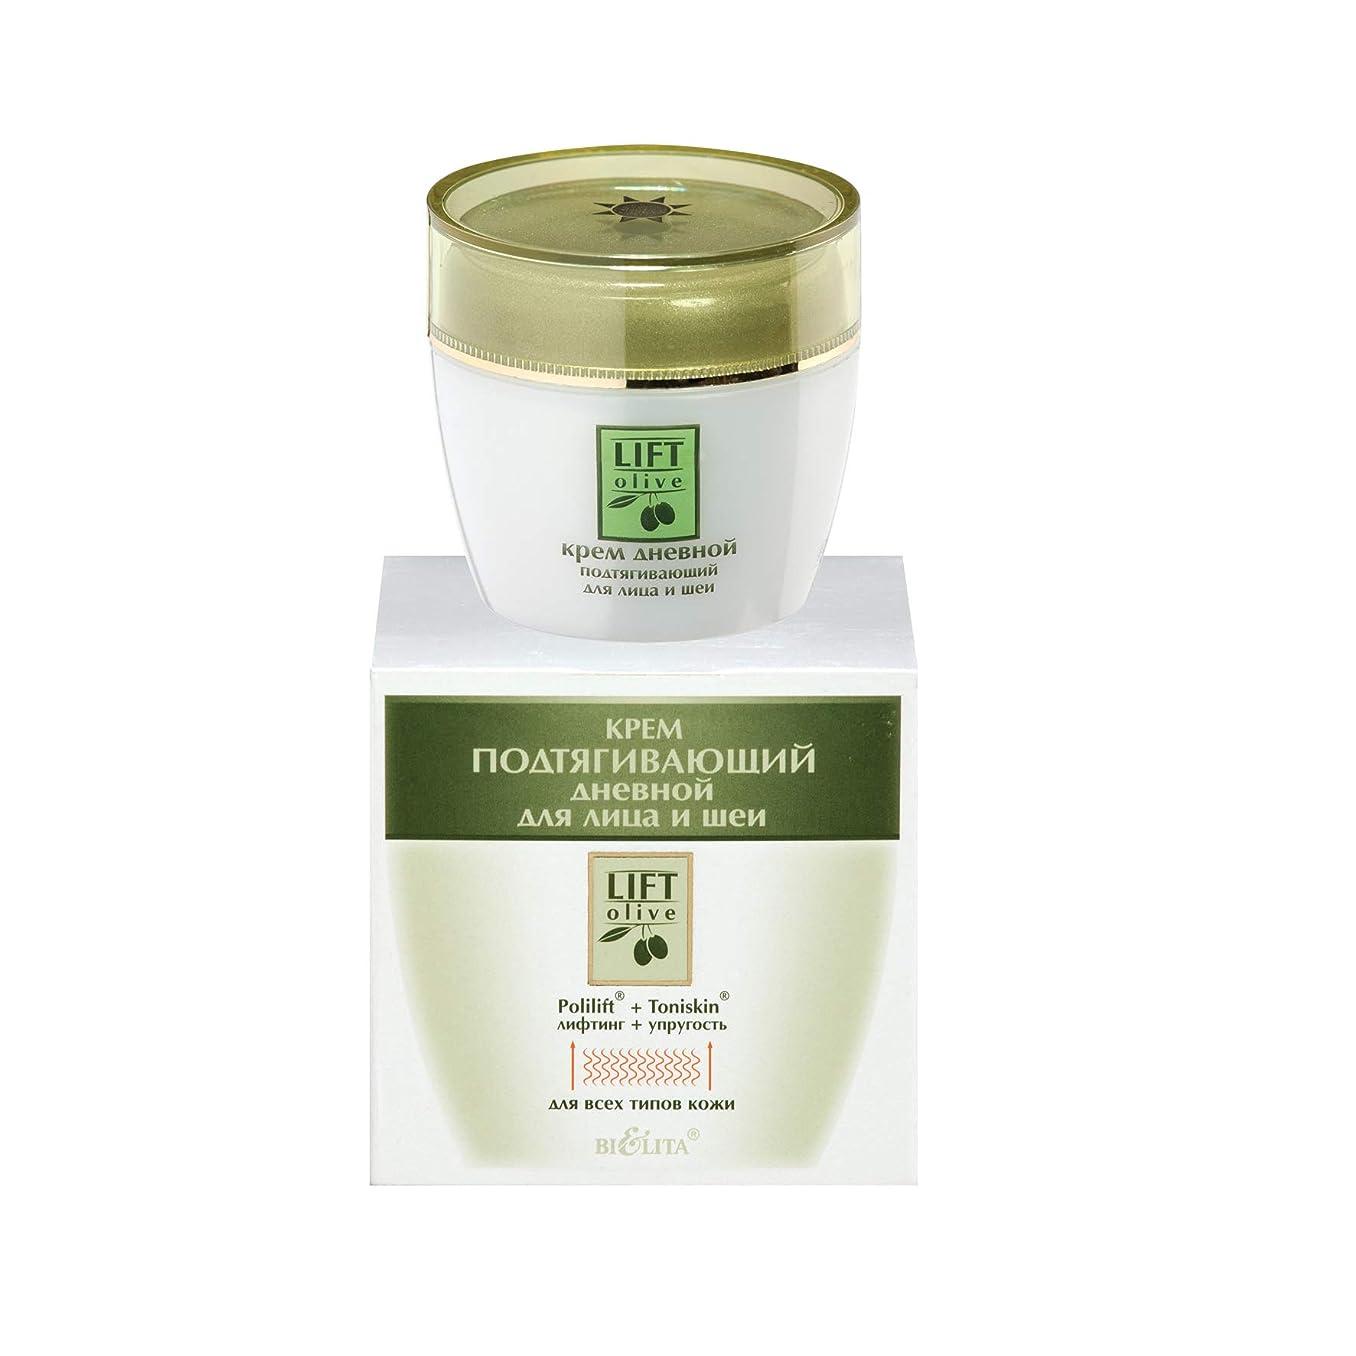 つかむ請求多年生Bielita & Vitex Lift Olive Line | Lifting Face & Neck Day Cream 30+ for All Skin Types, 50 ml | Olive Oil, Collagen, Elastin, Vitamins A and E